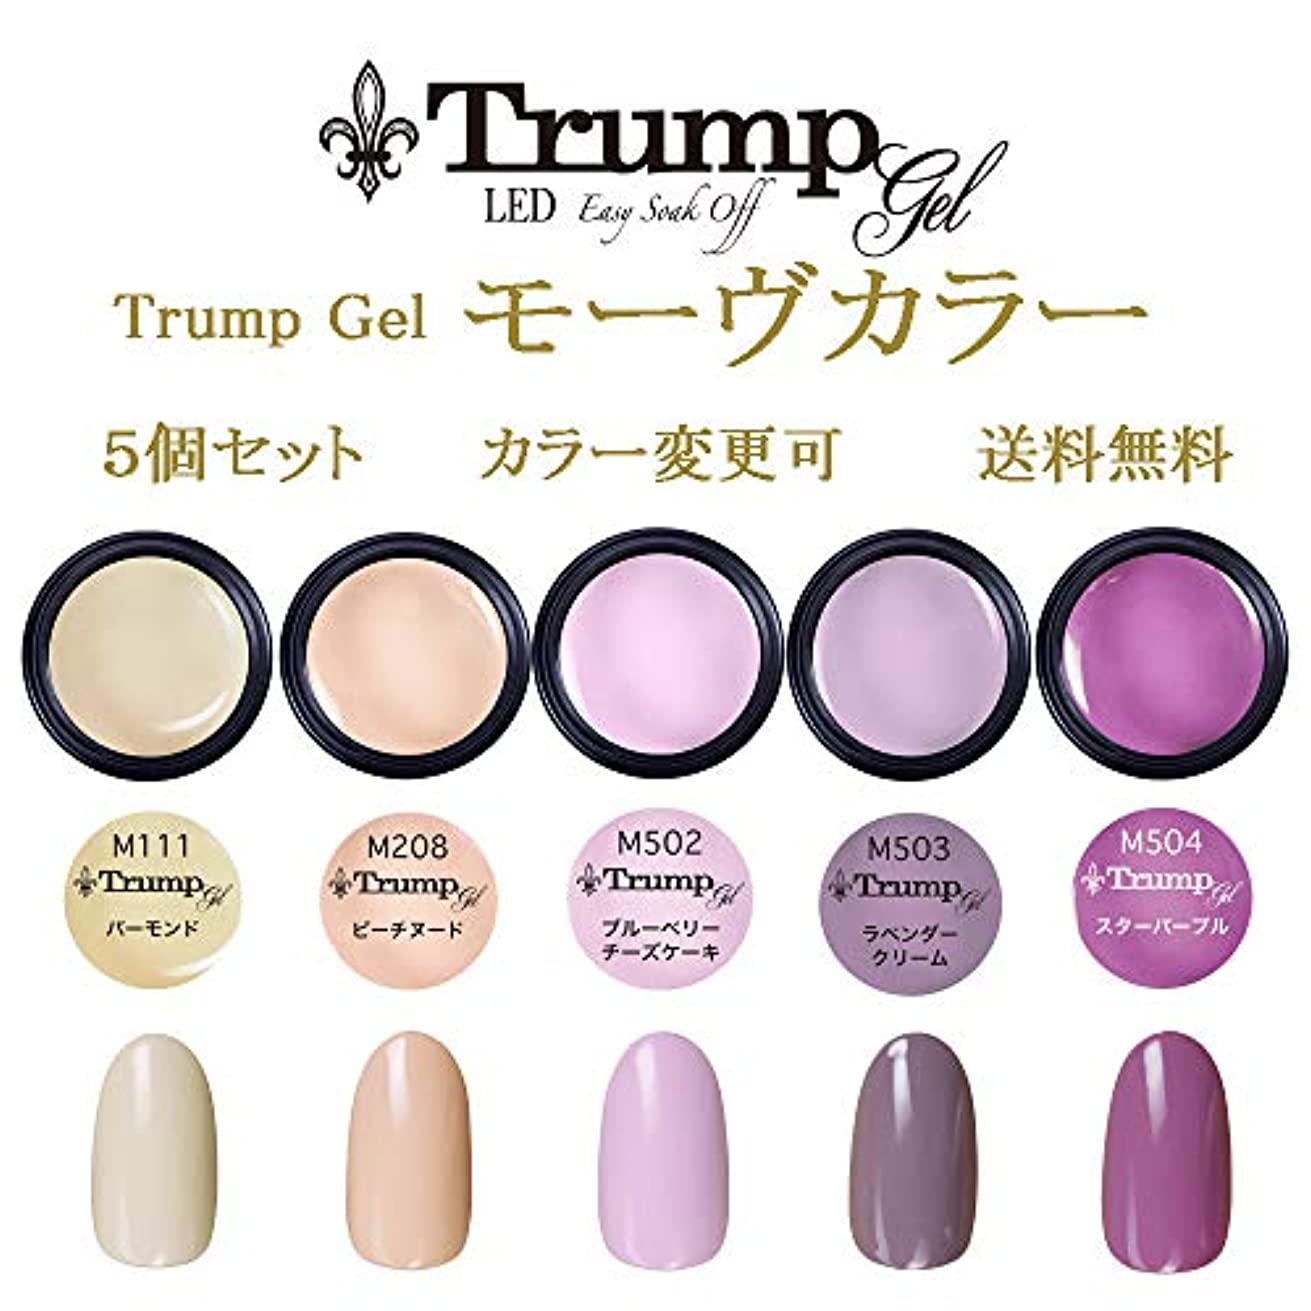 【送料無料】Trumpモーヴカラー選べるカラージェル5個セット